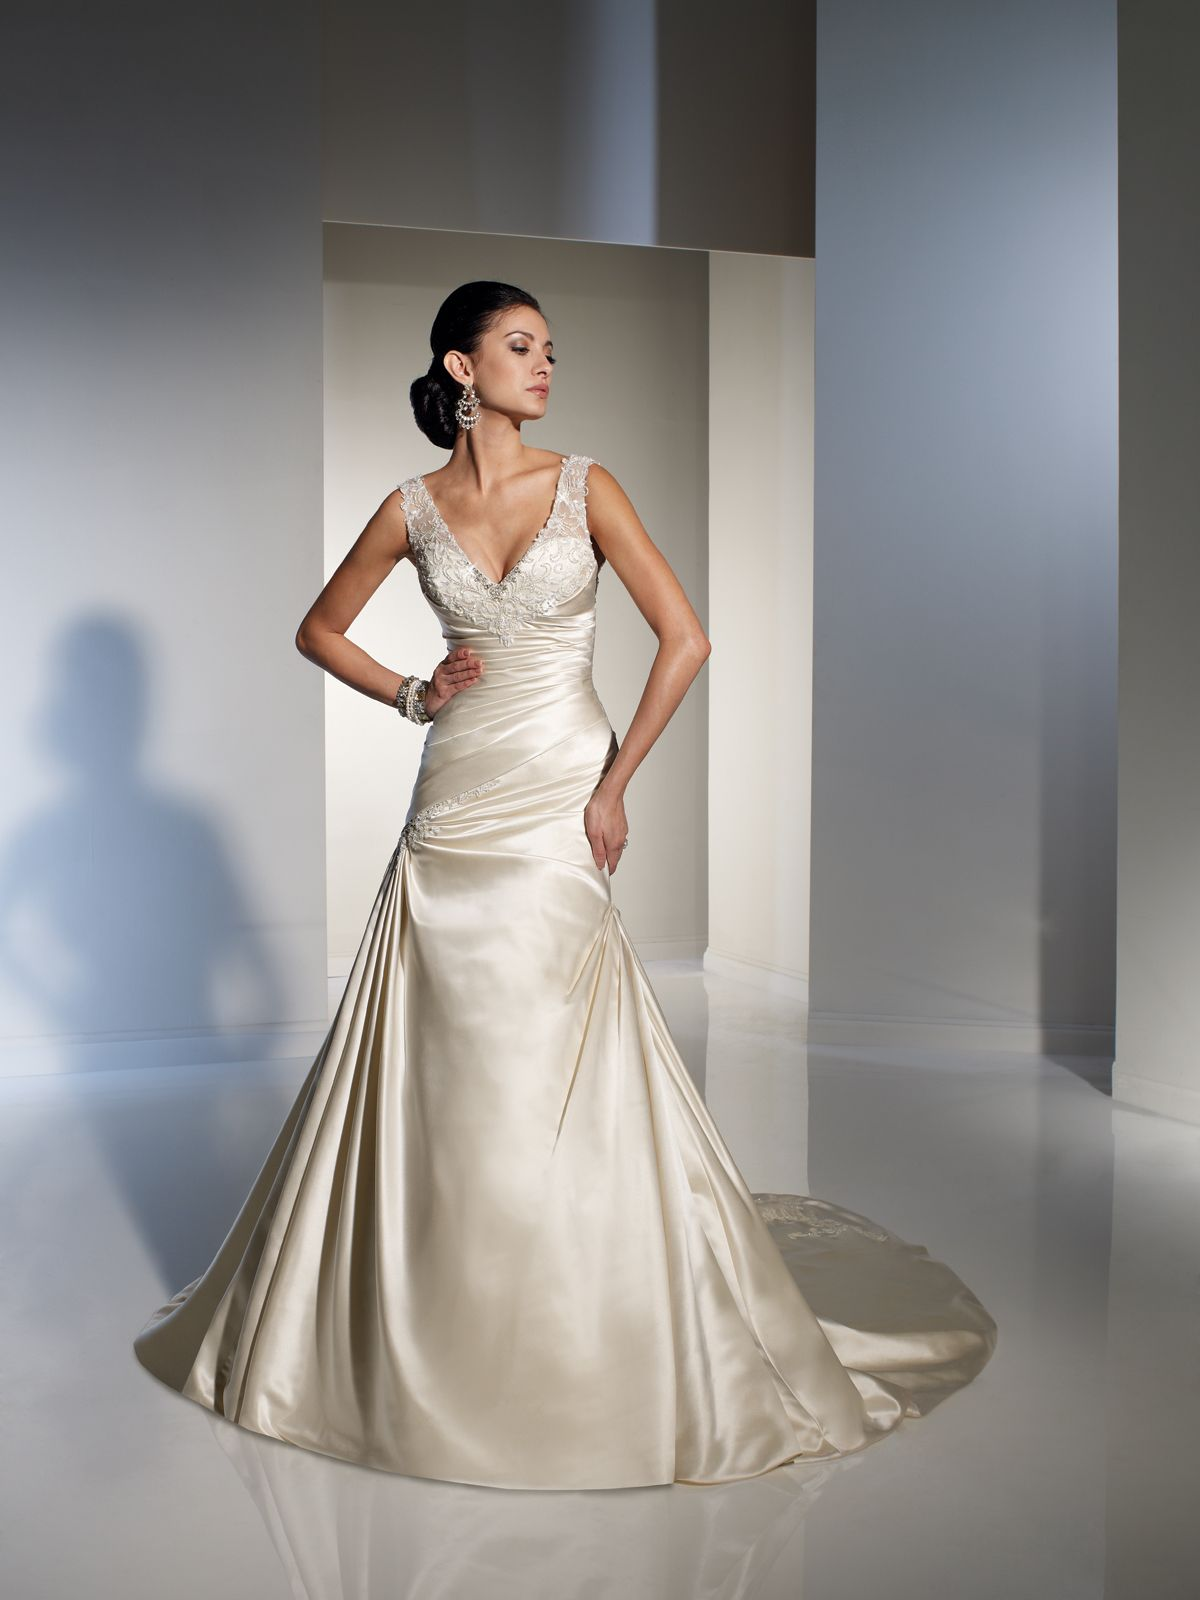 Designer Wedding Dresses by Sophia Tolli   Wedding Dresses style #Y21149 - Abri